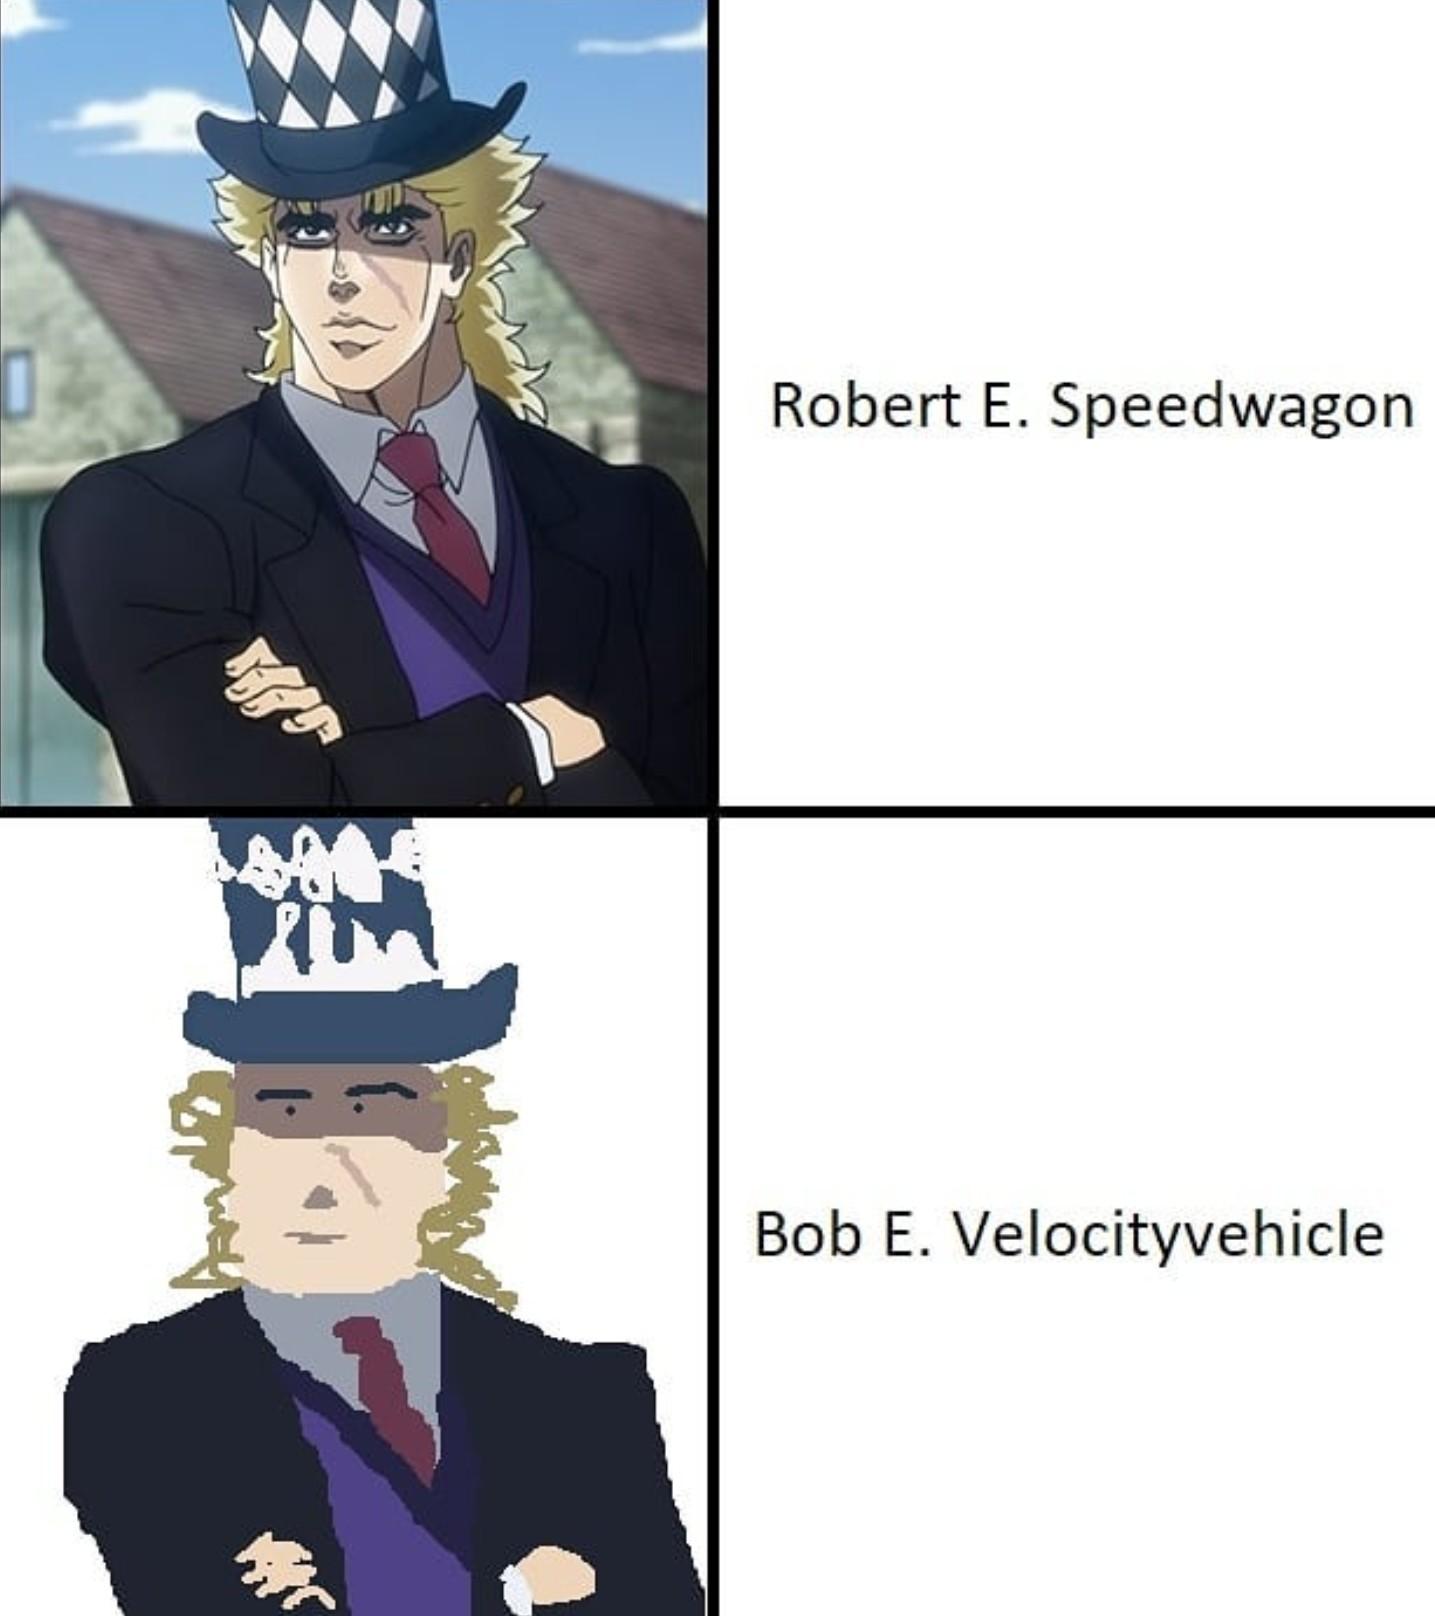 Not a JoJo meme I promise.